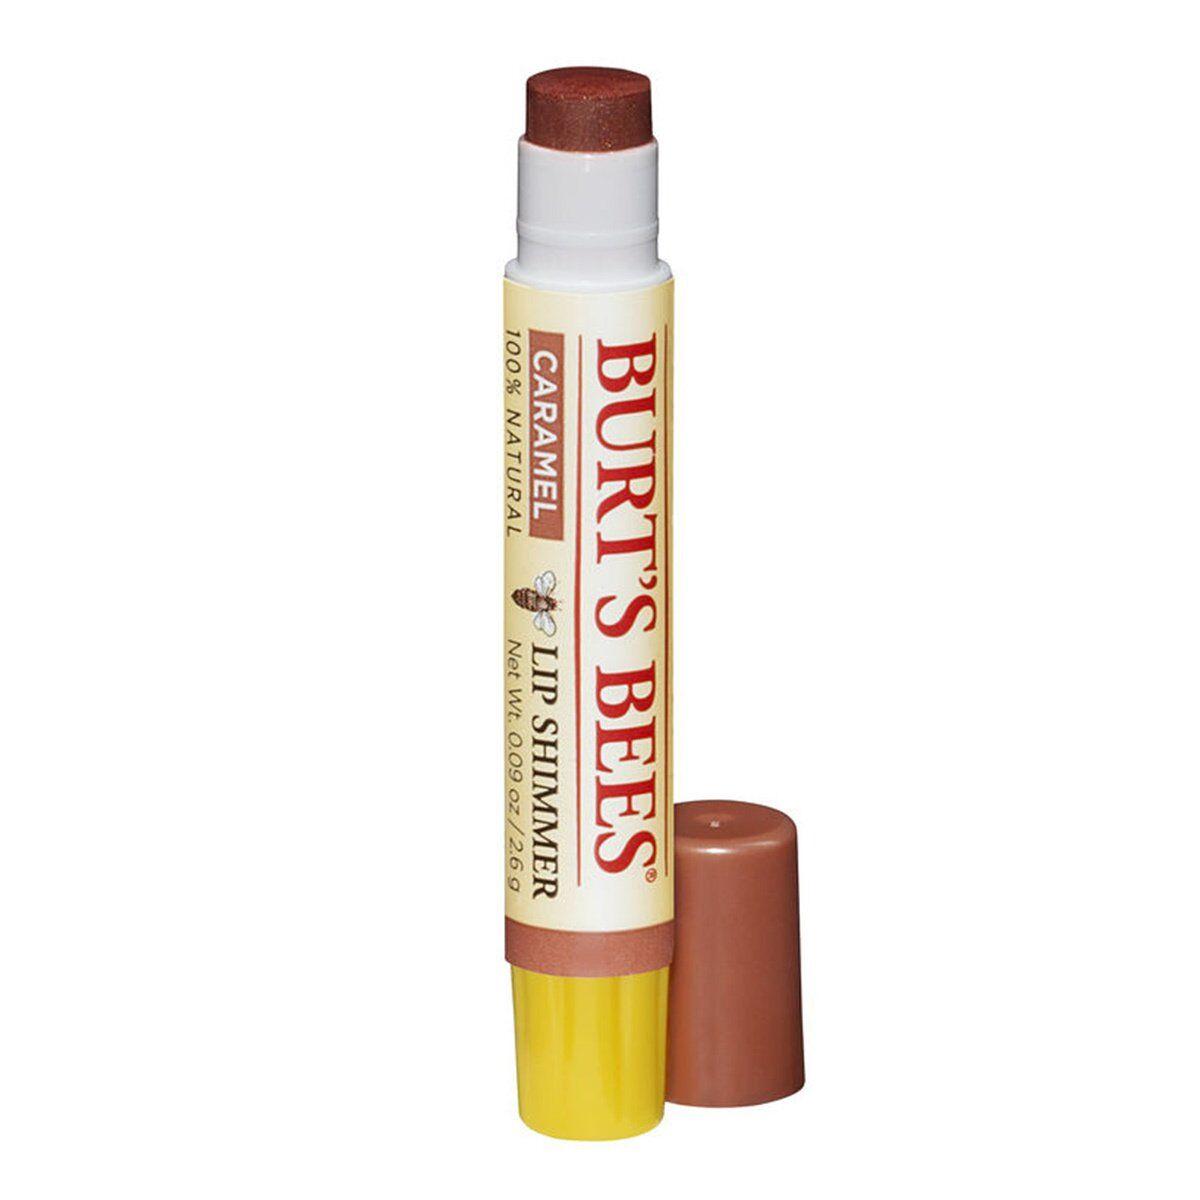 Burt's Bees - Caramel Lip Shimmer